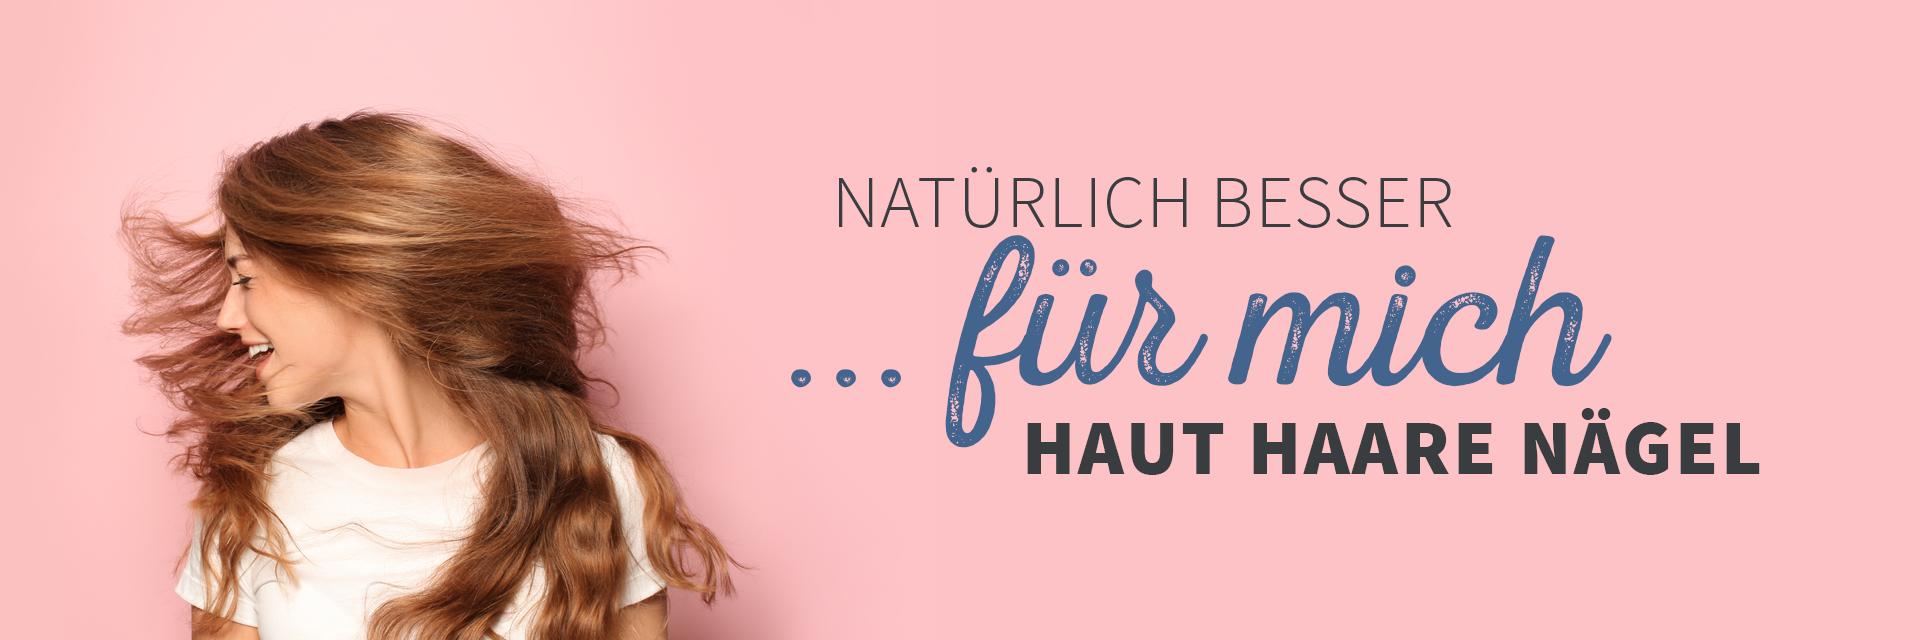 Natürliche Pflege für starke Haut Haare und Nägel im Reformhaus Bacher